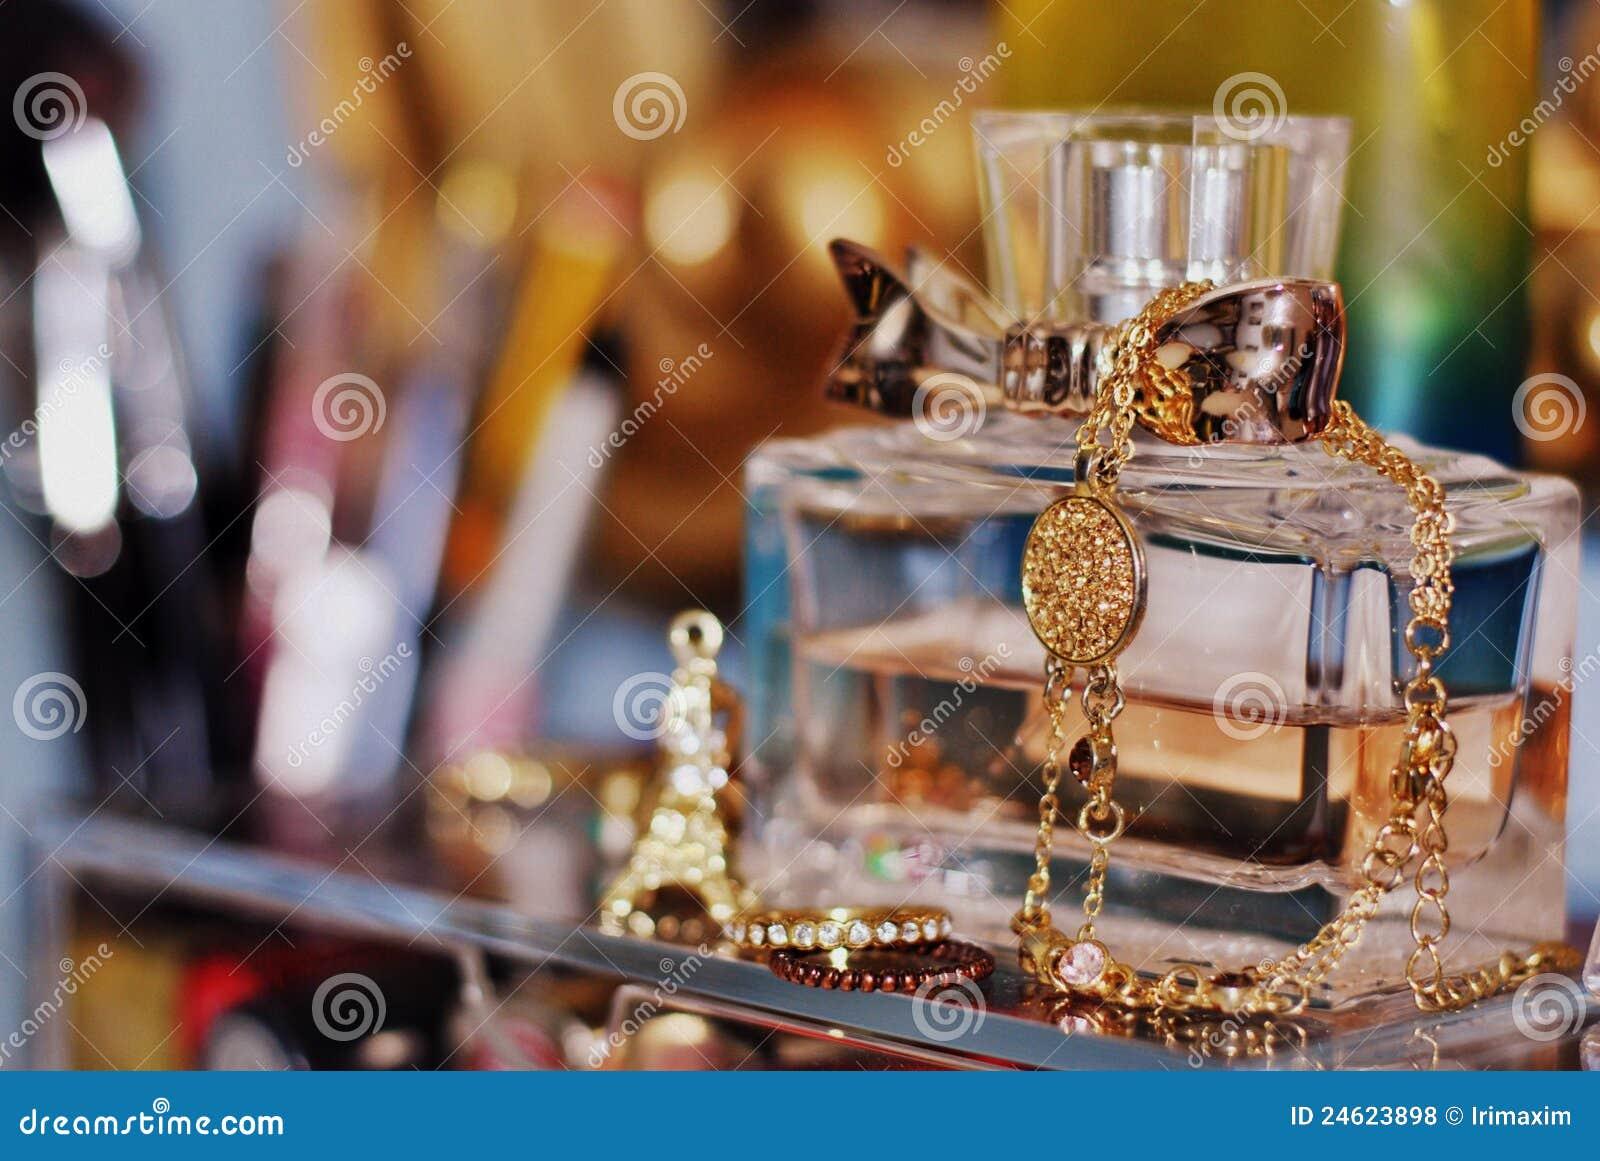 Une bouteille de parfume